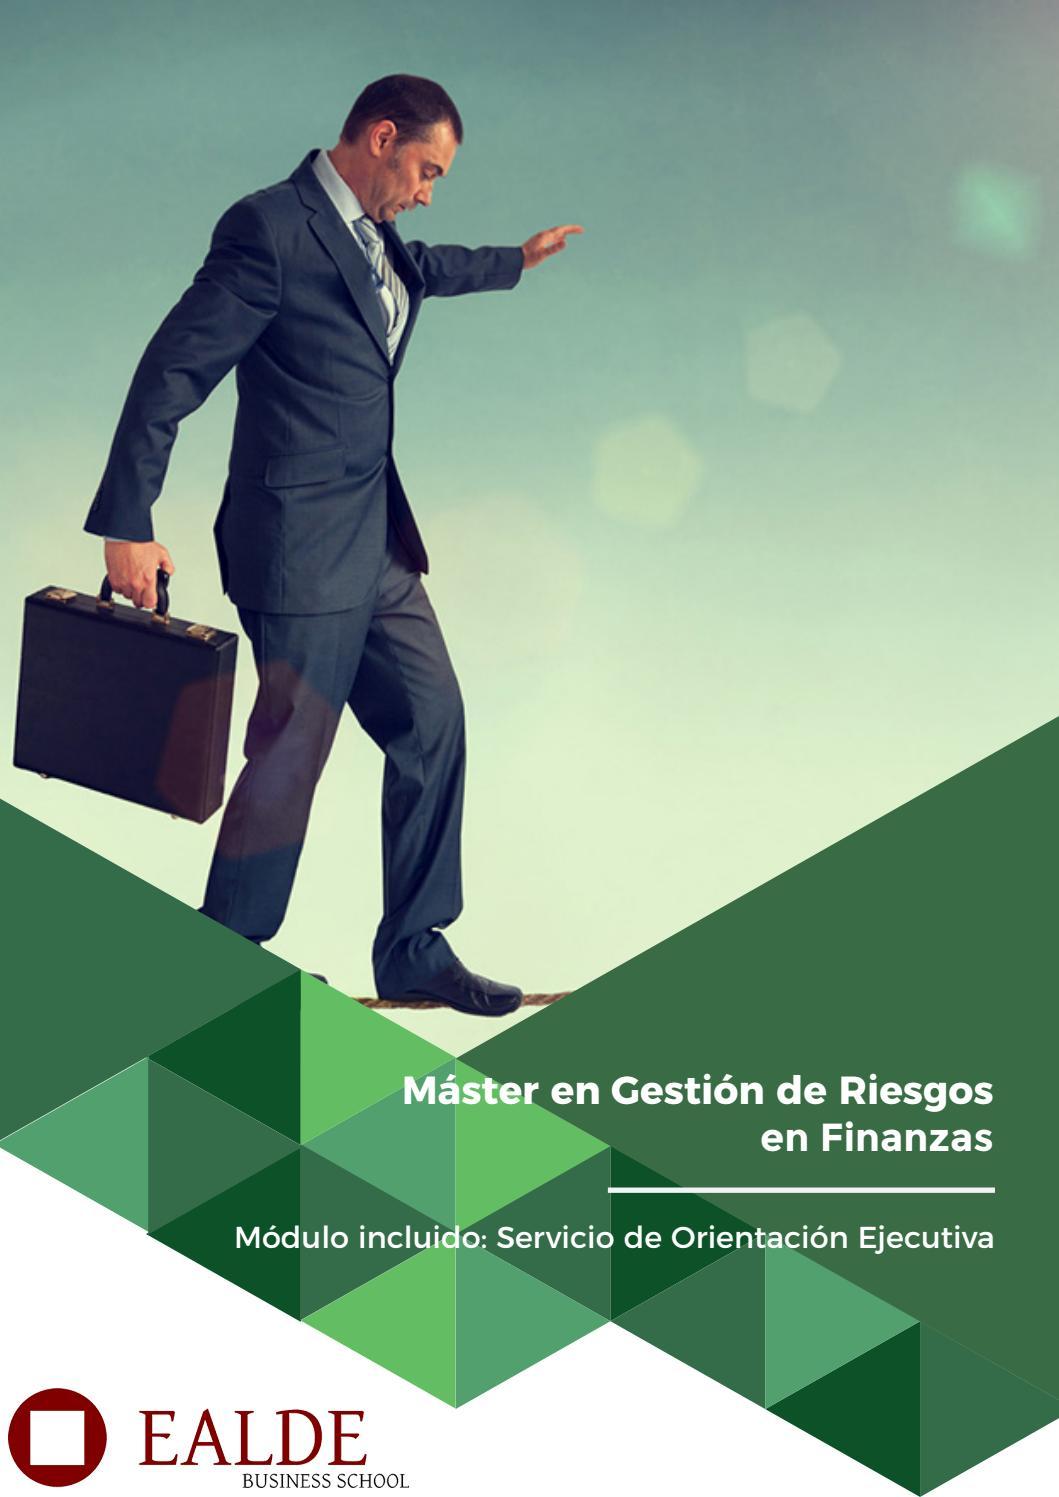 Máster en Gestión de Riesgos en Finanzas by EALDE Business School - issuu 57738a806dde4